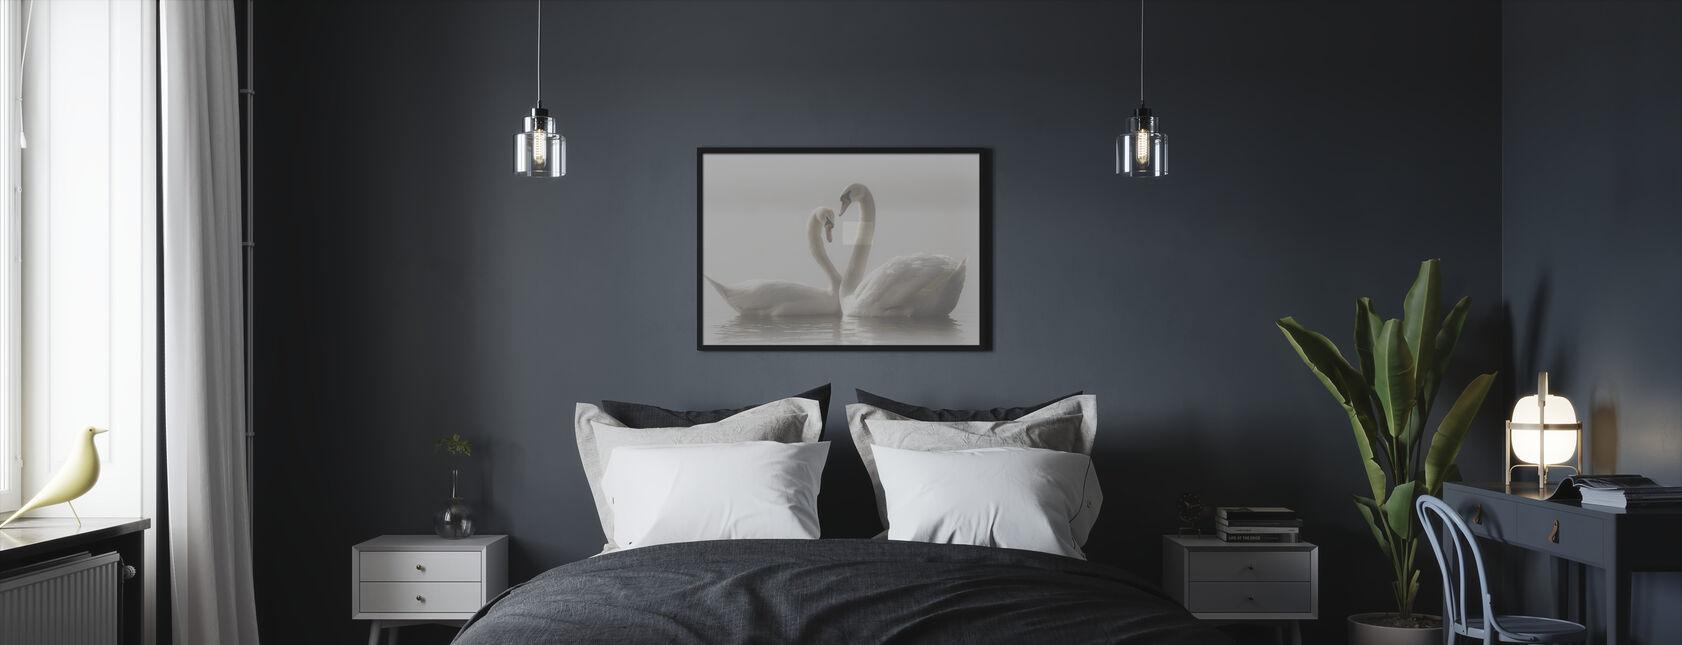 För evigt - Inramad tavla - Sovrum